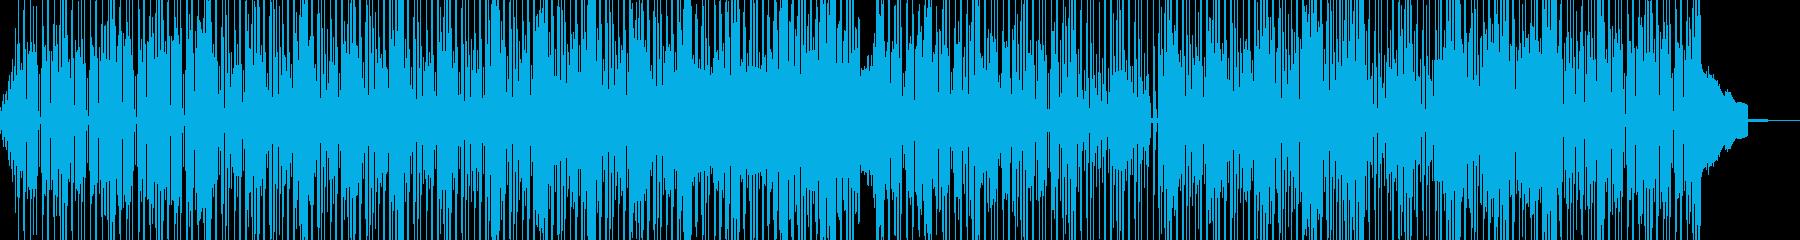 夏バテ(×ω×)無気力ポップ 裏拍子Bの再生済みの波形